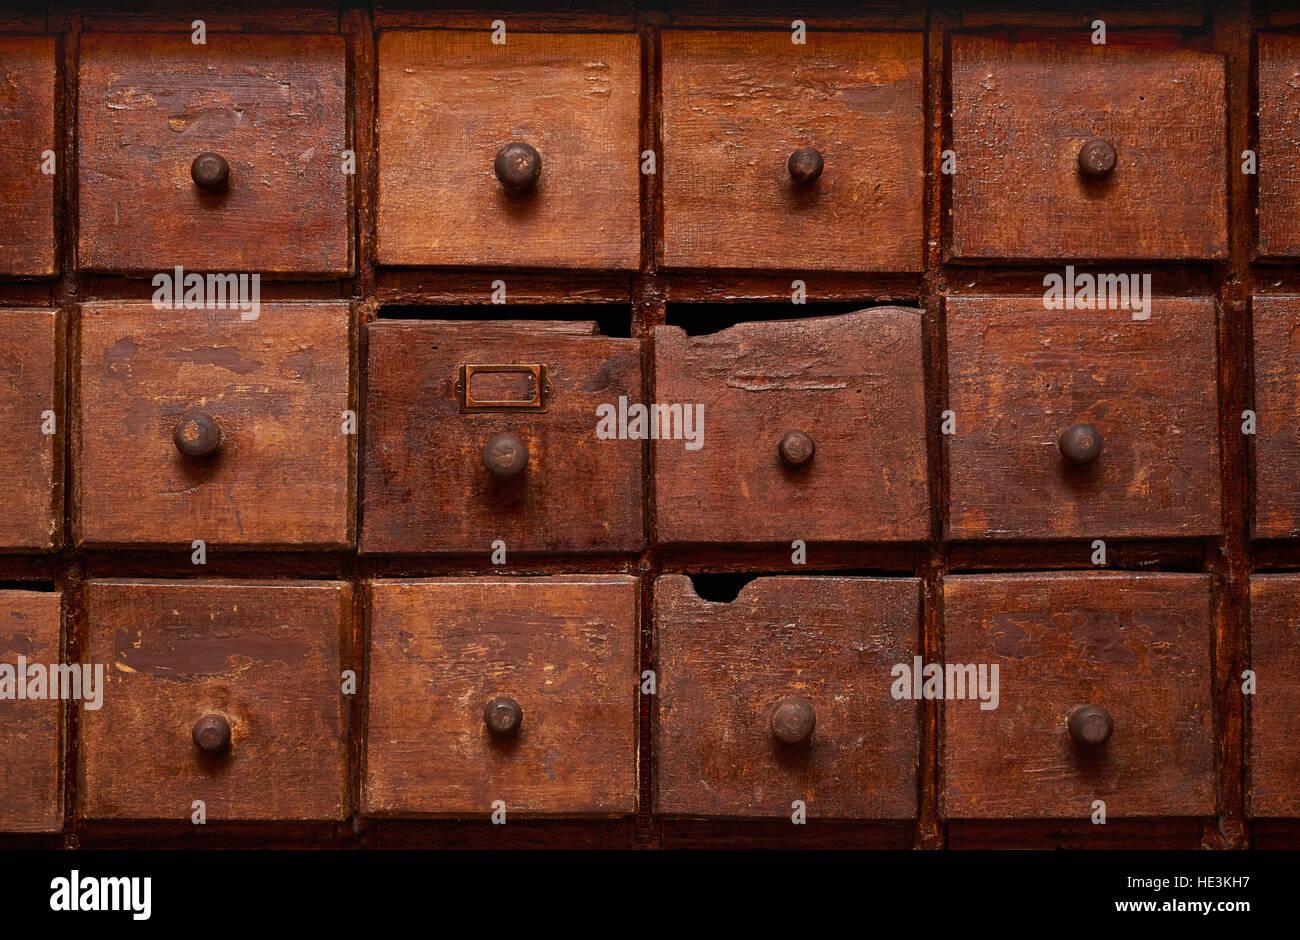 old filing drawers stockfotos old filing drawers bilder alamy. Black Bedroom Furniture Sets. Home Design Ideas